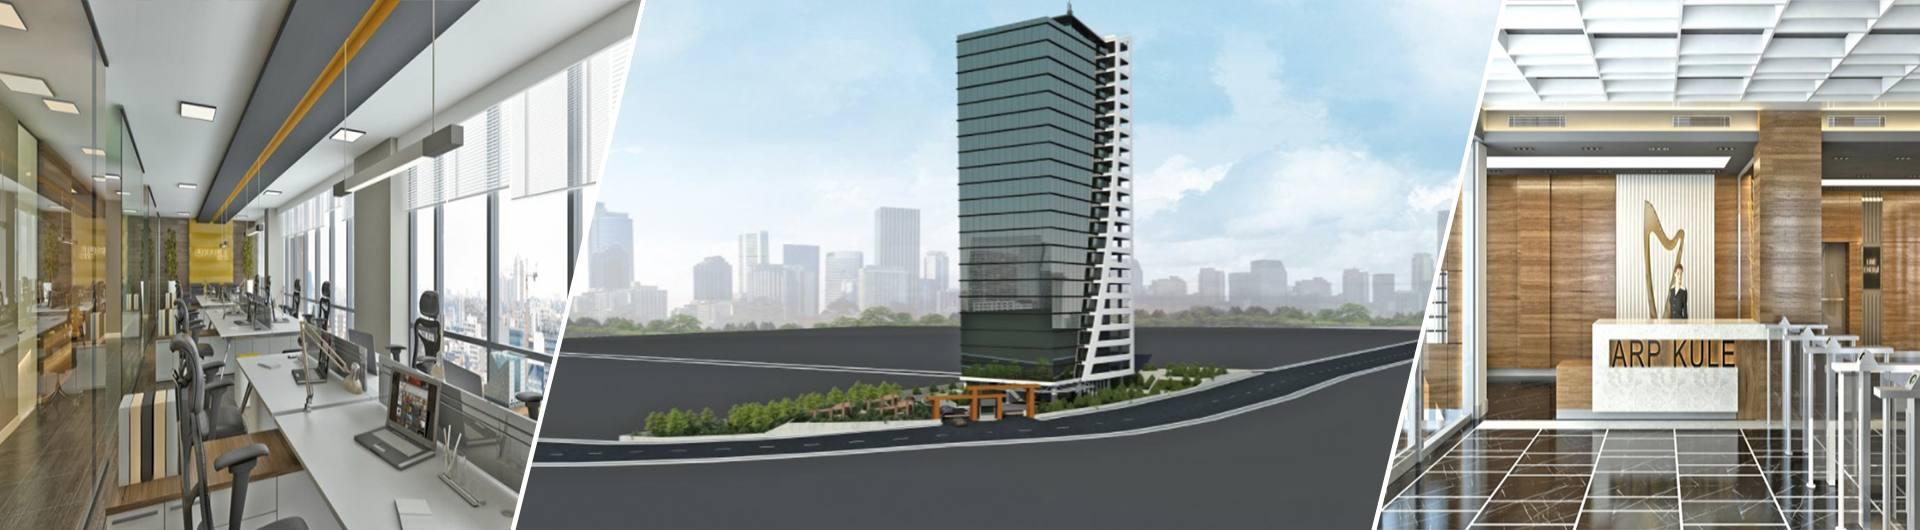 Gözüm İnşaat Arp Kule Ofis Projesi arkaplan